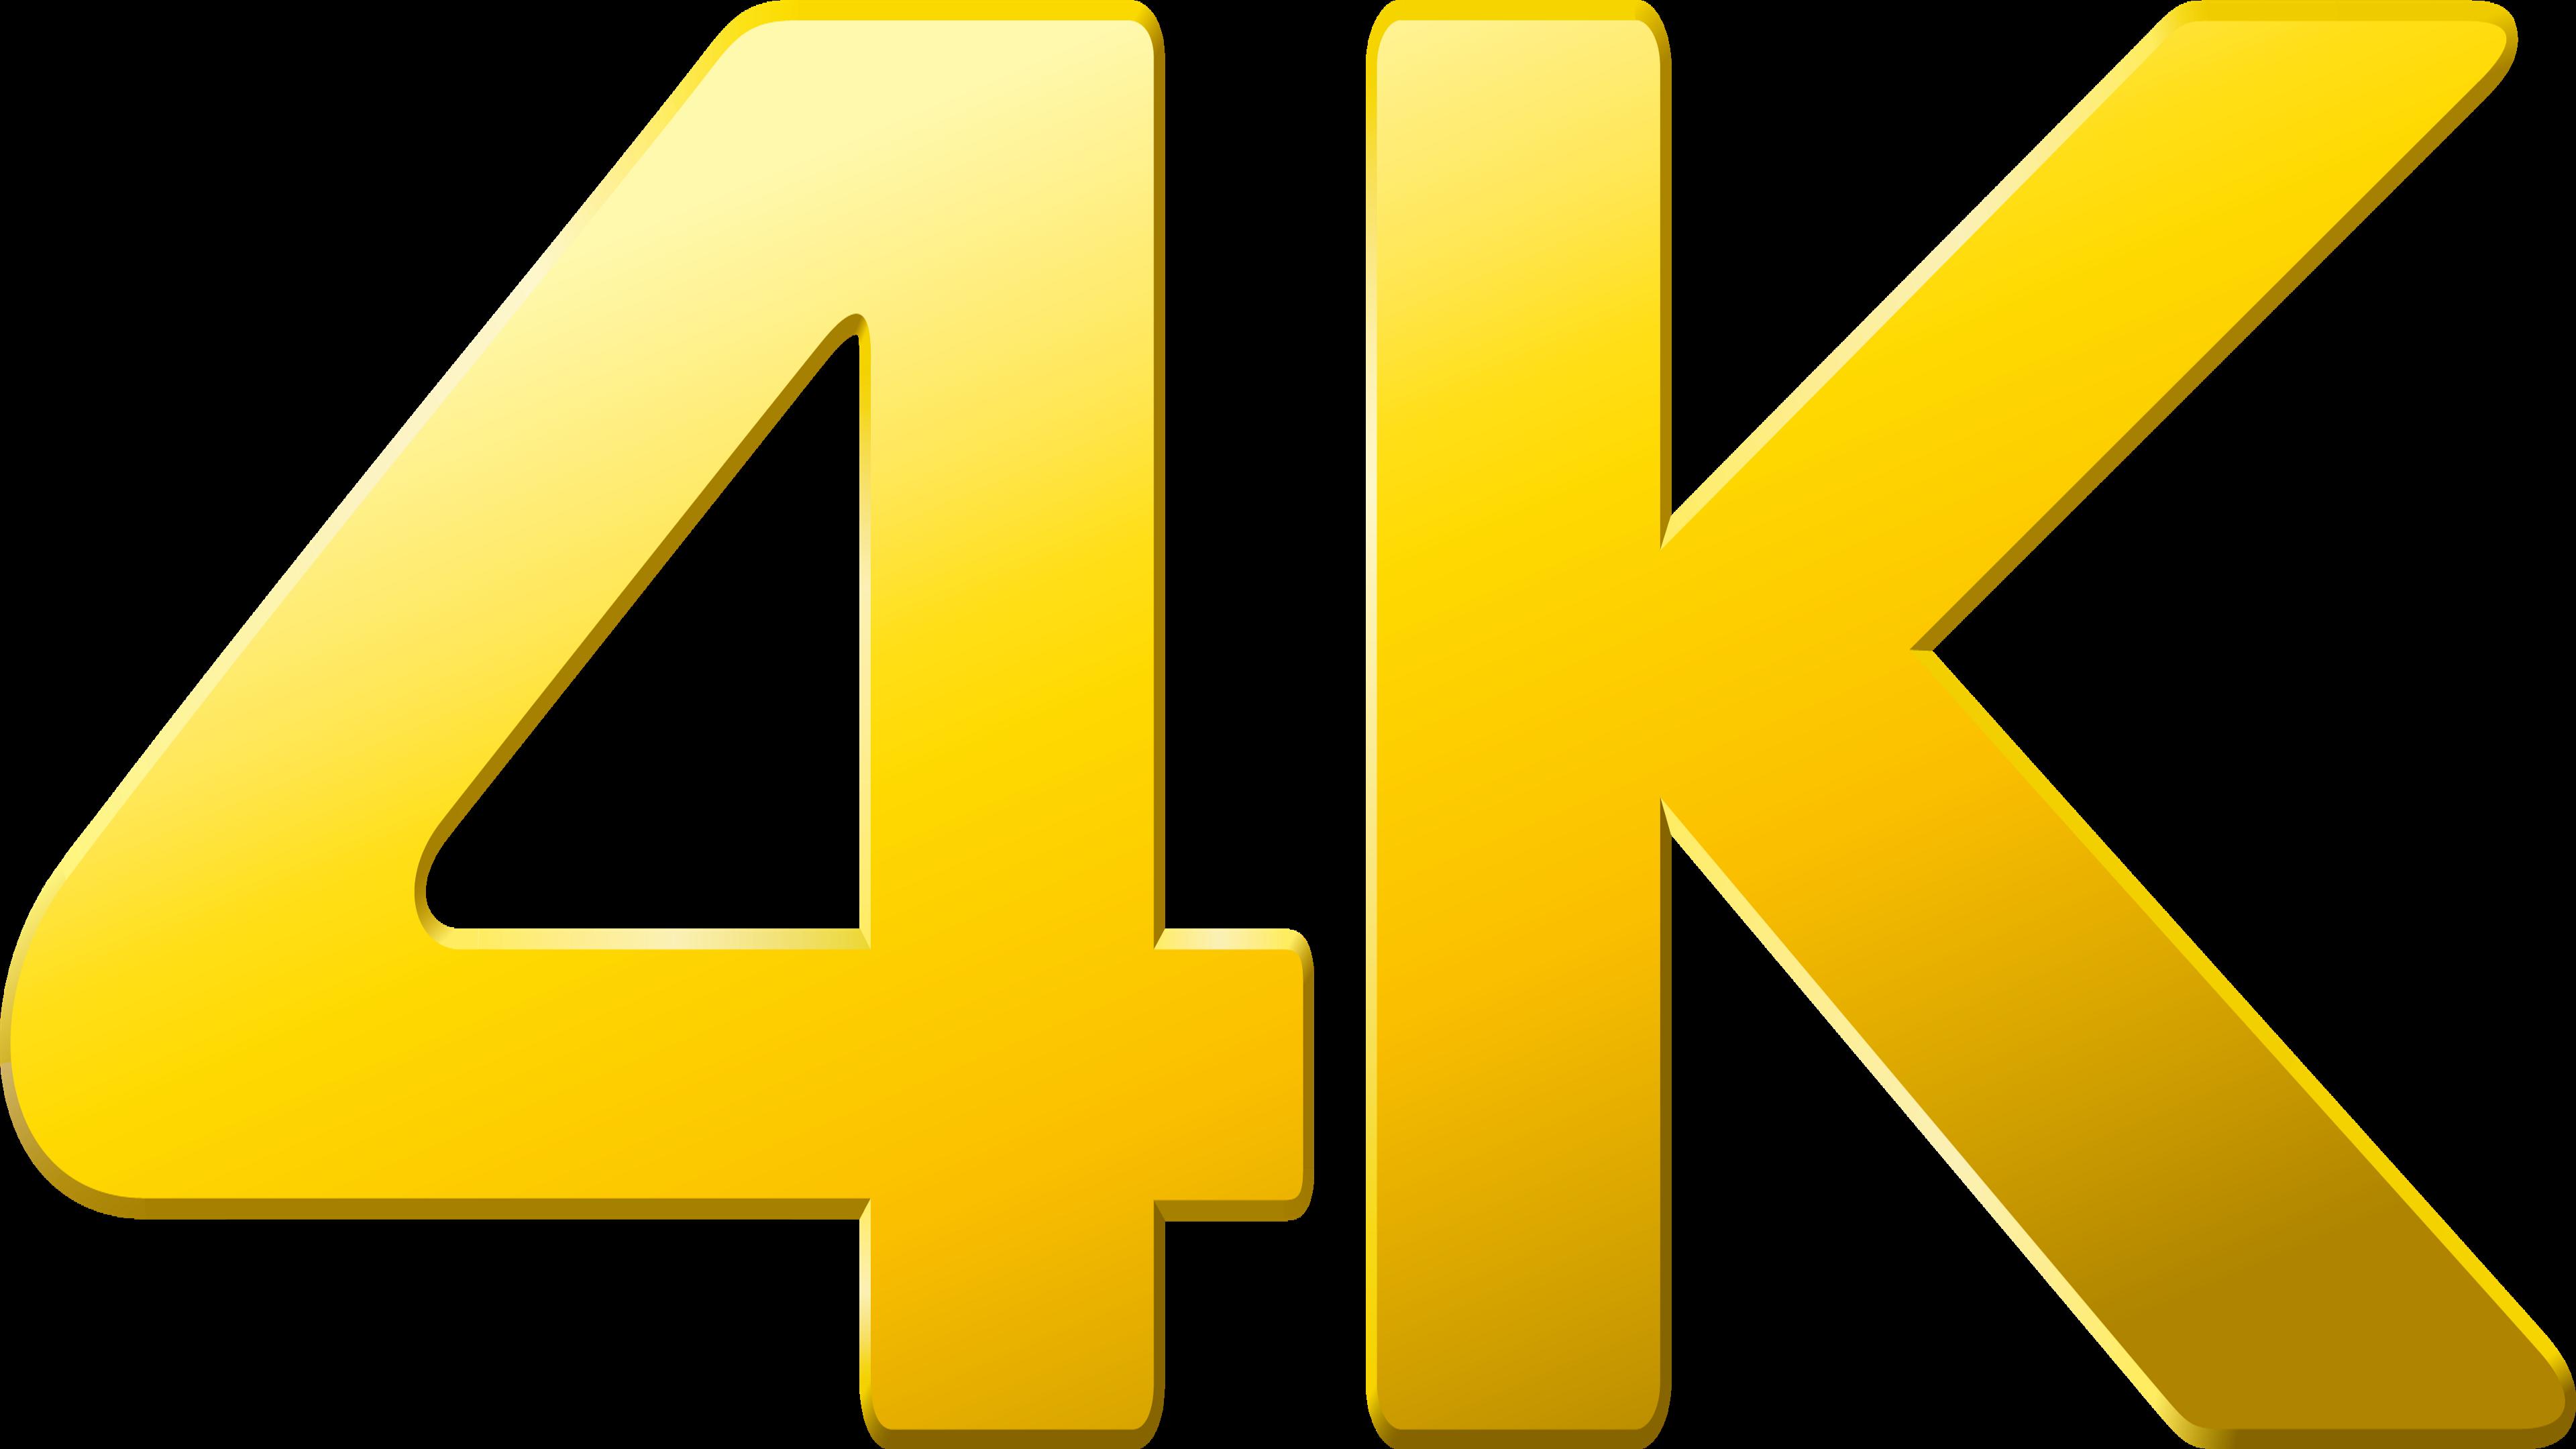 4k Walmarts Logo Png Images.